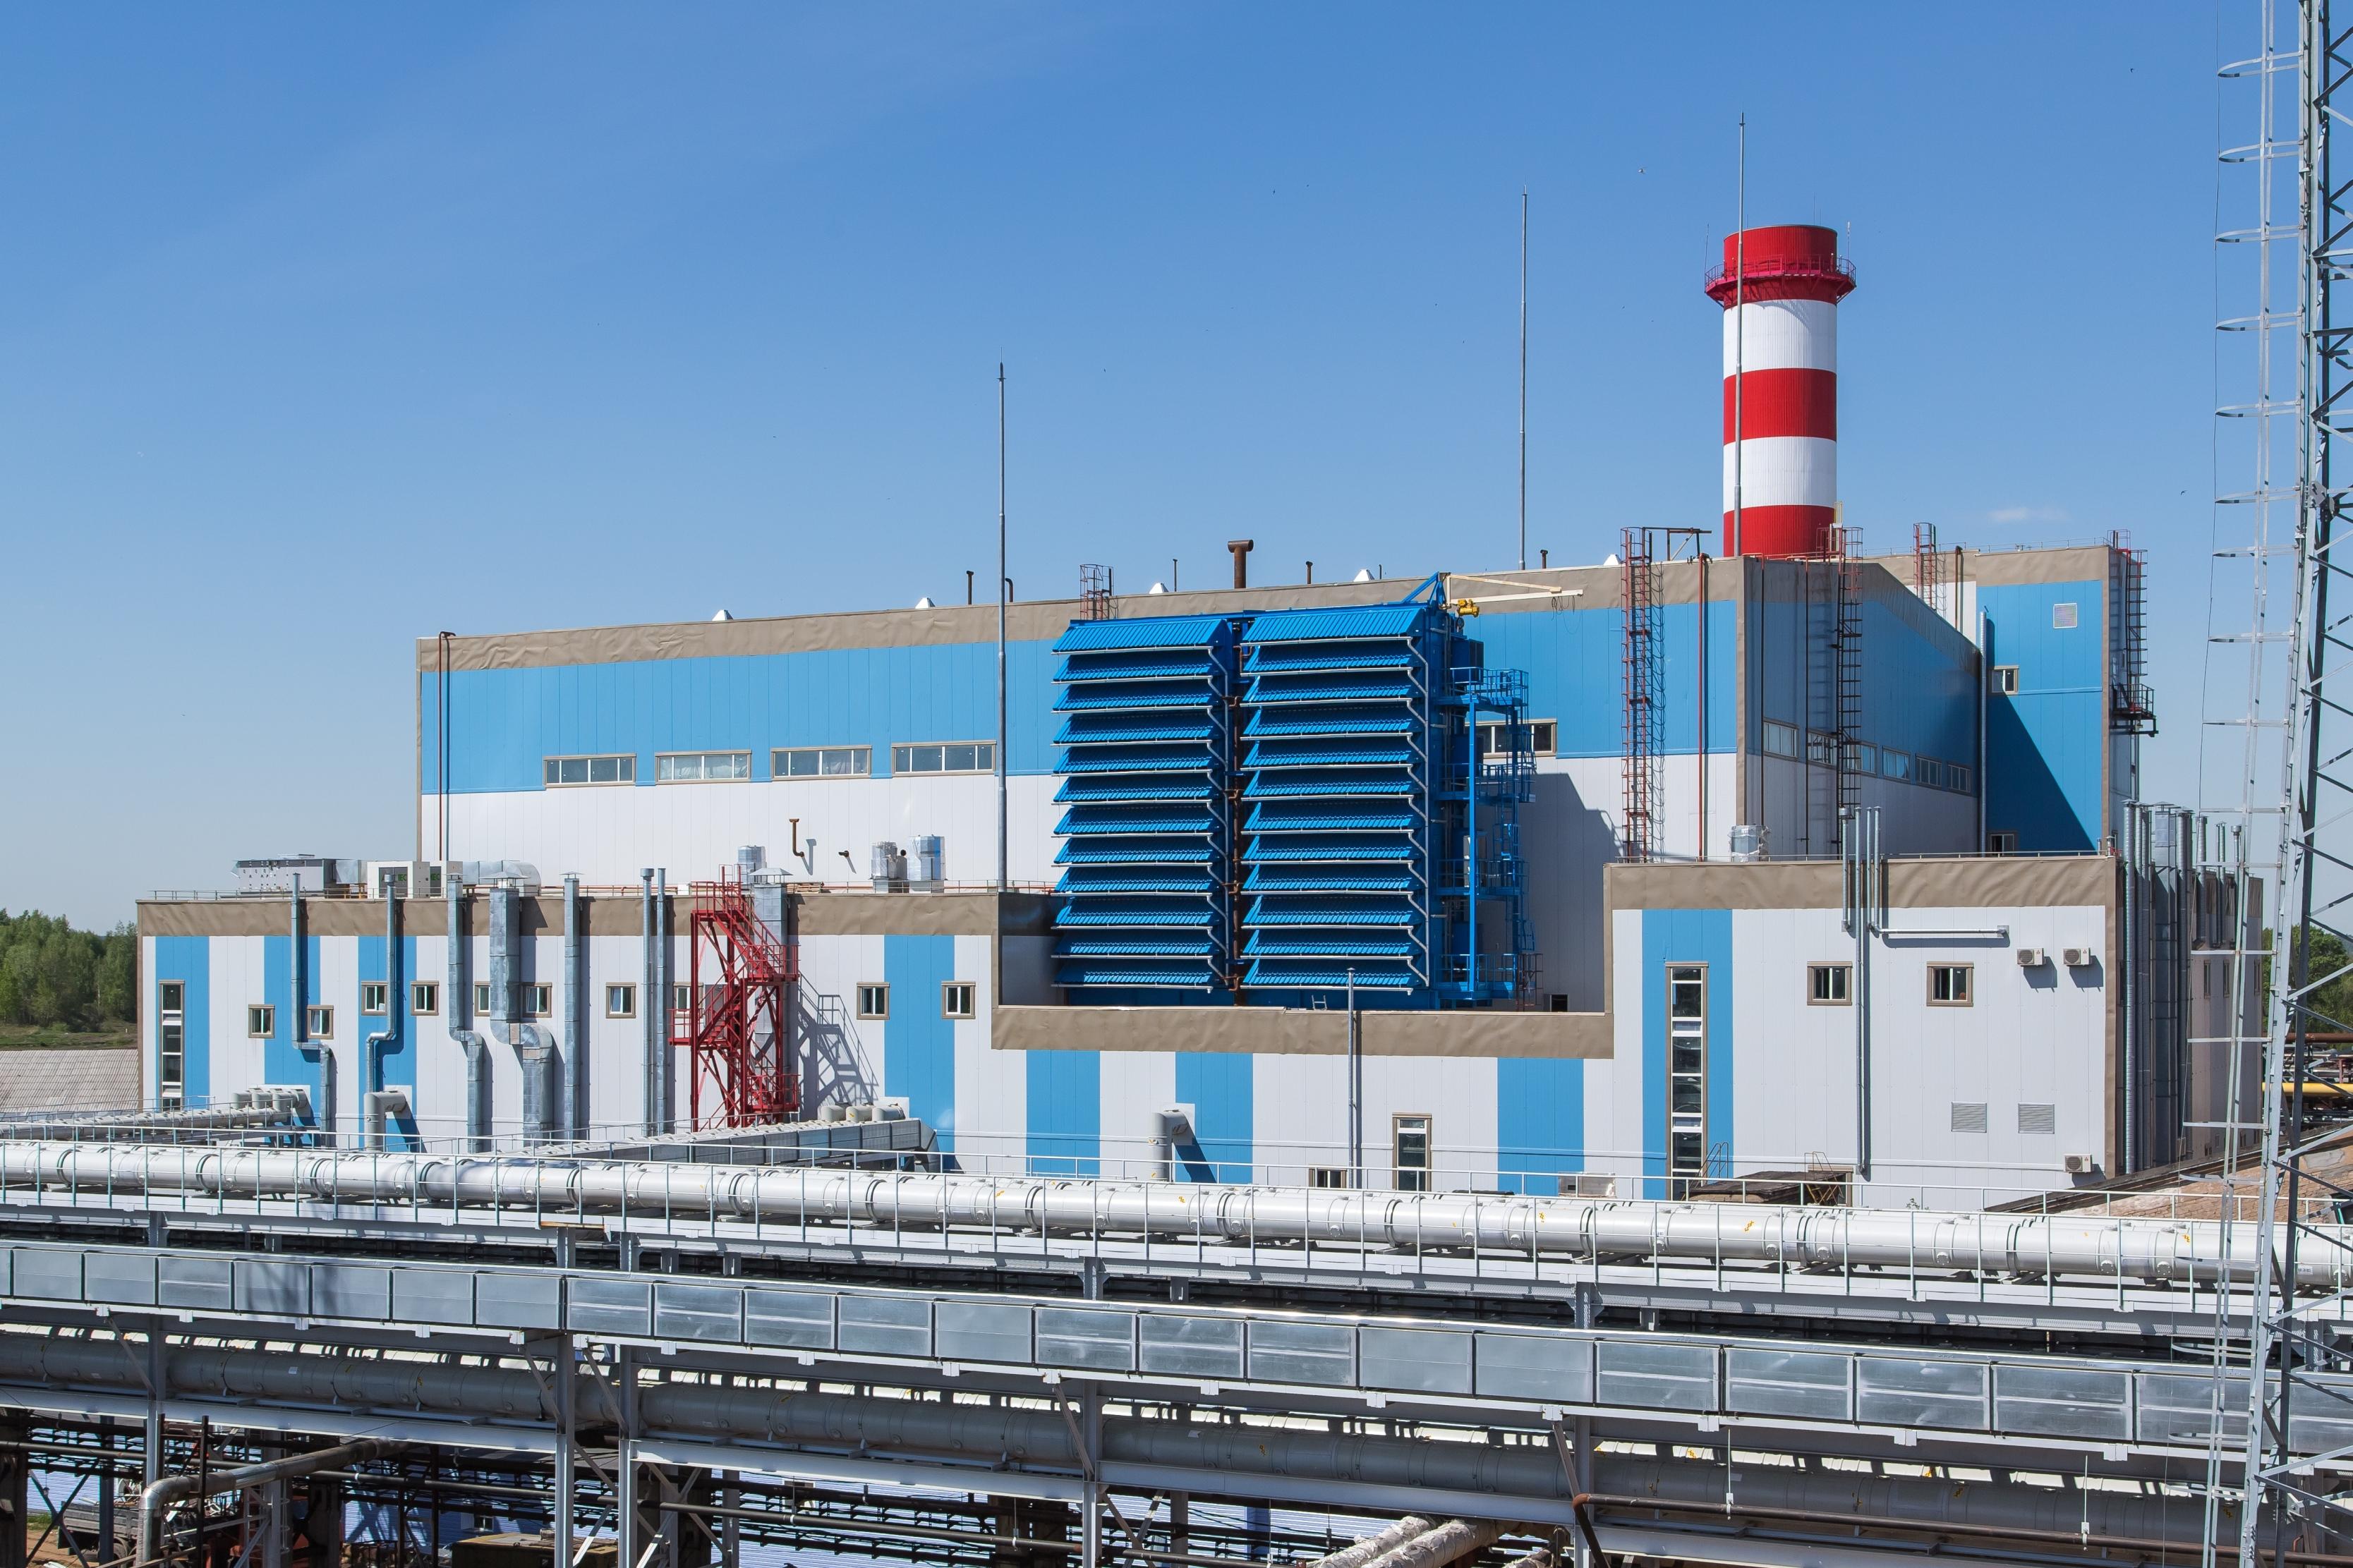 За 4 года блок ПГУ ТЭЦ-3 выработал более 6 млрд кВт*ч электроэнергии